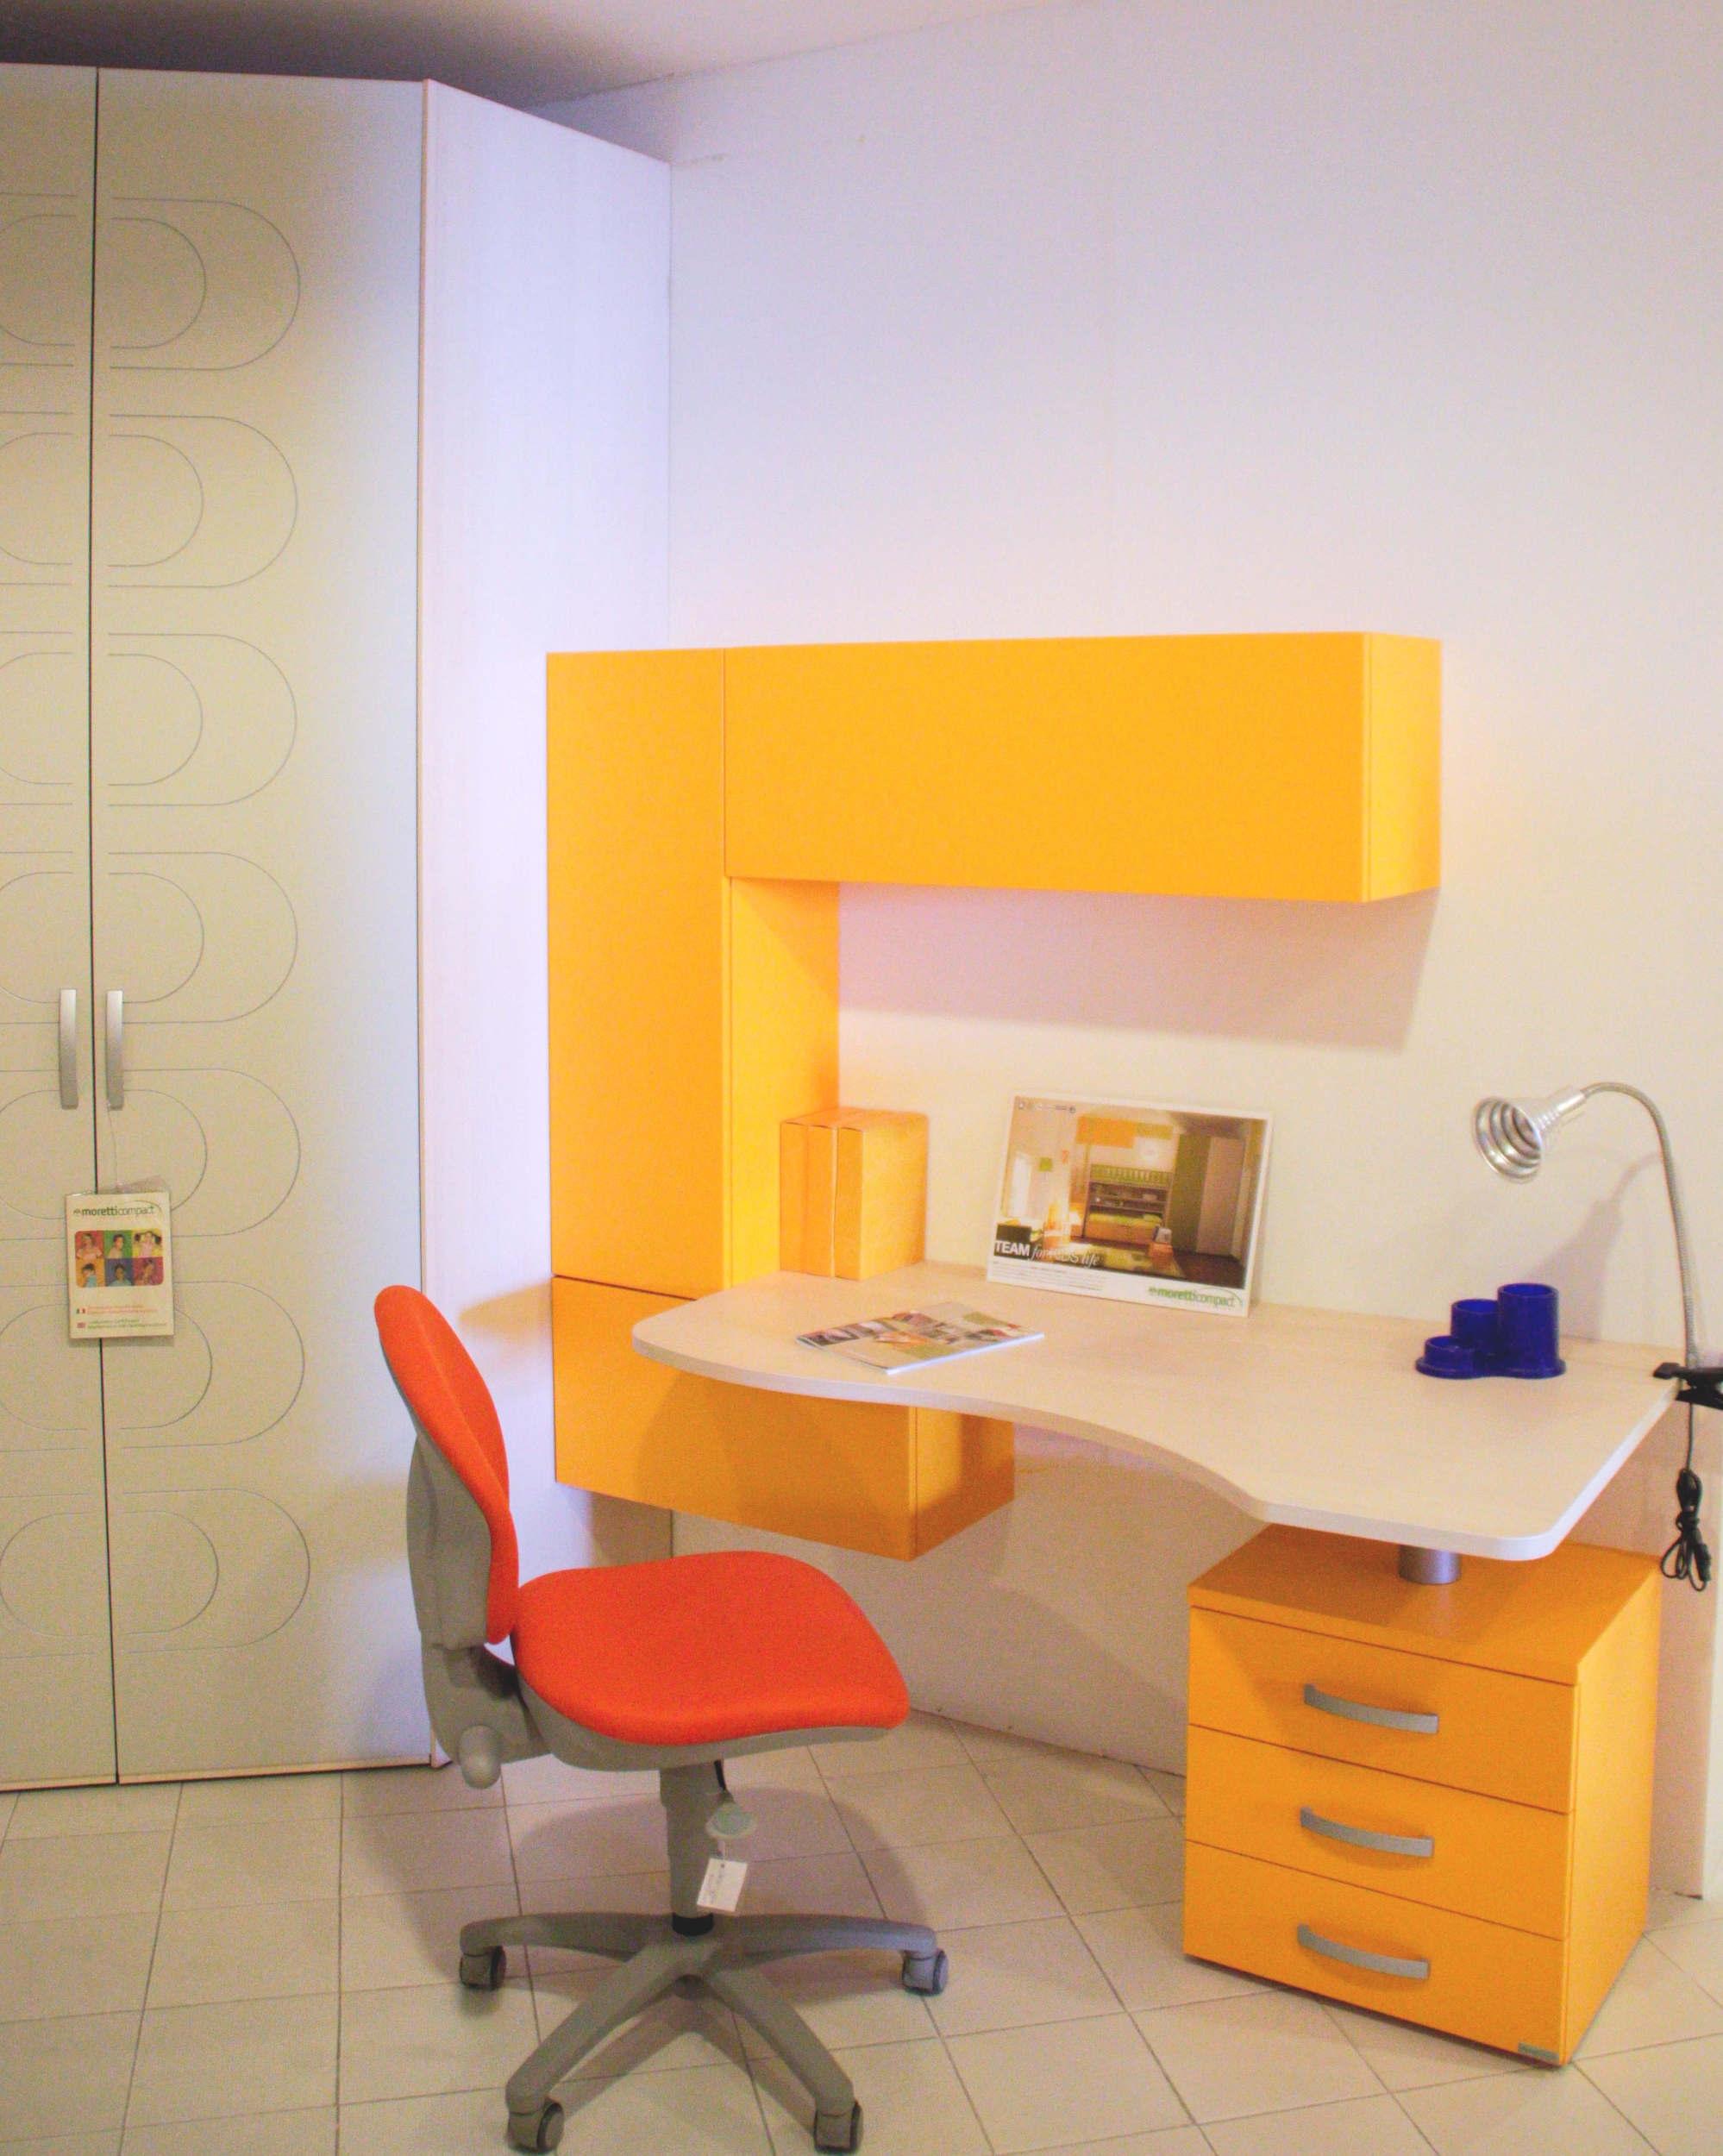 Promozione scrivania moretti compact camerette a prezzi for Scrivanie con ruote per camerette